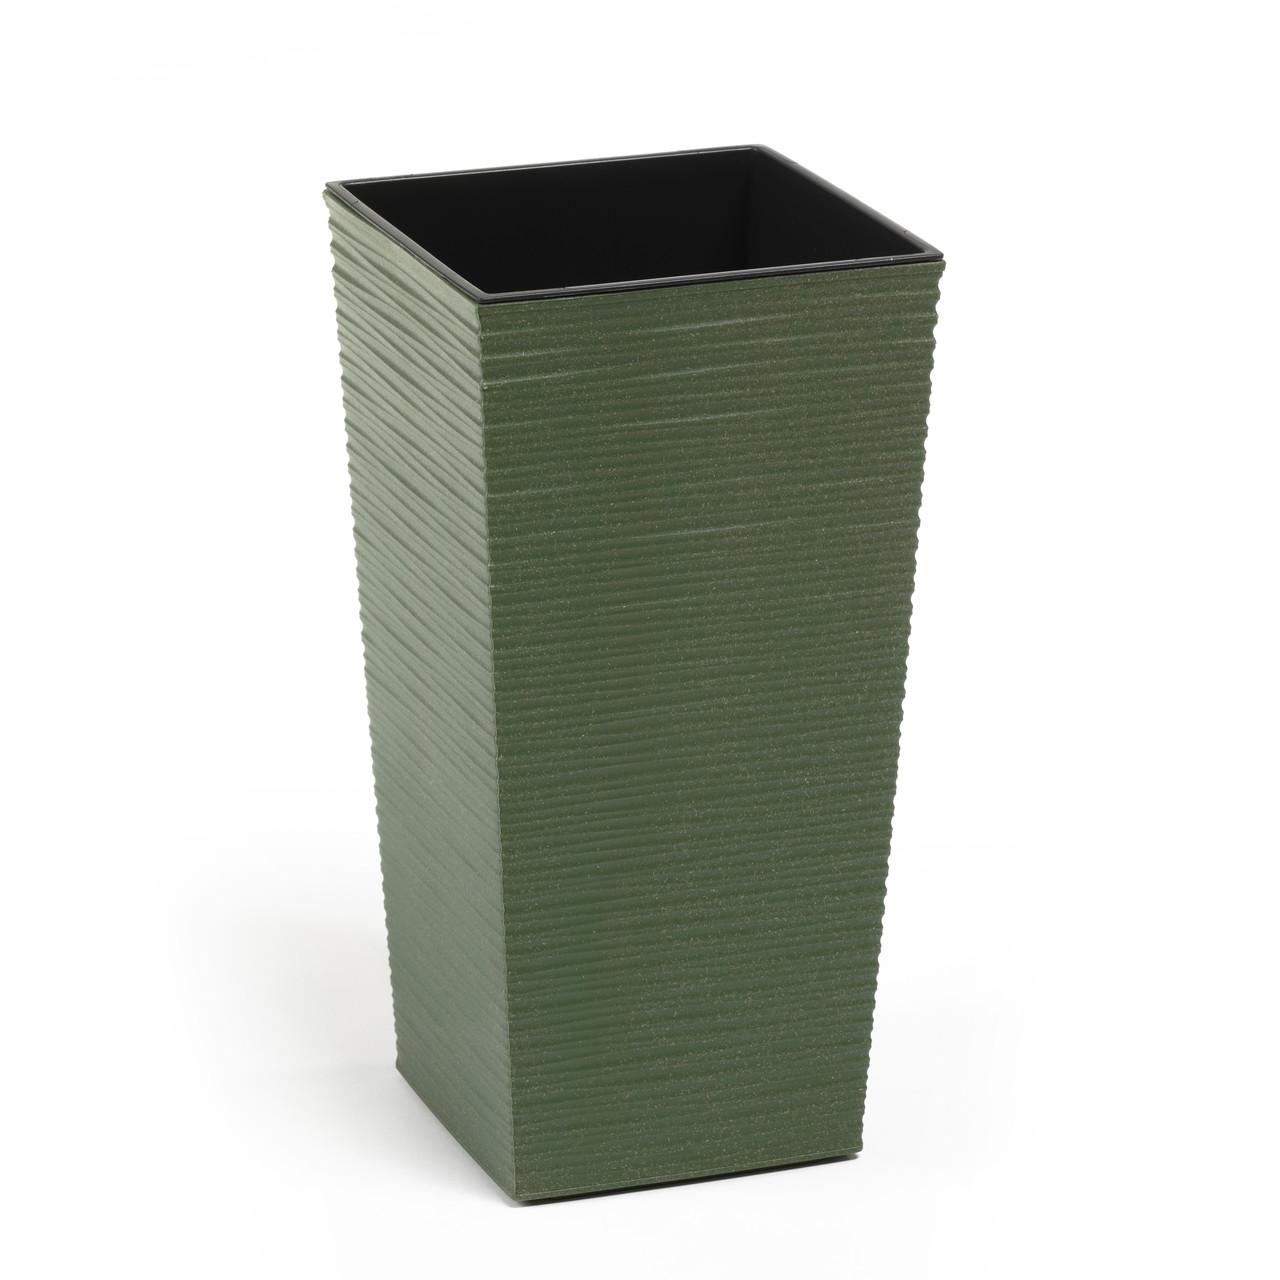 Горшок Finezja Lamela Эко 250x250 Dluto - лесной зеленый